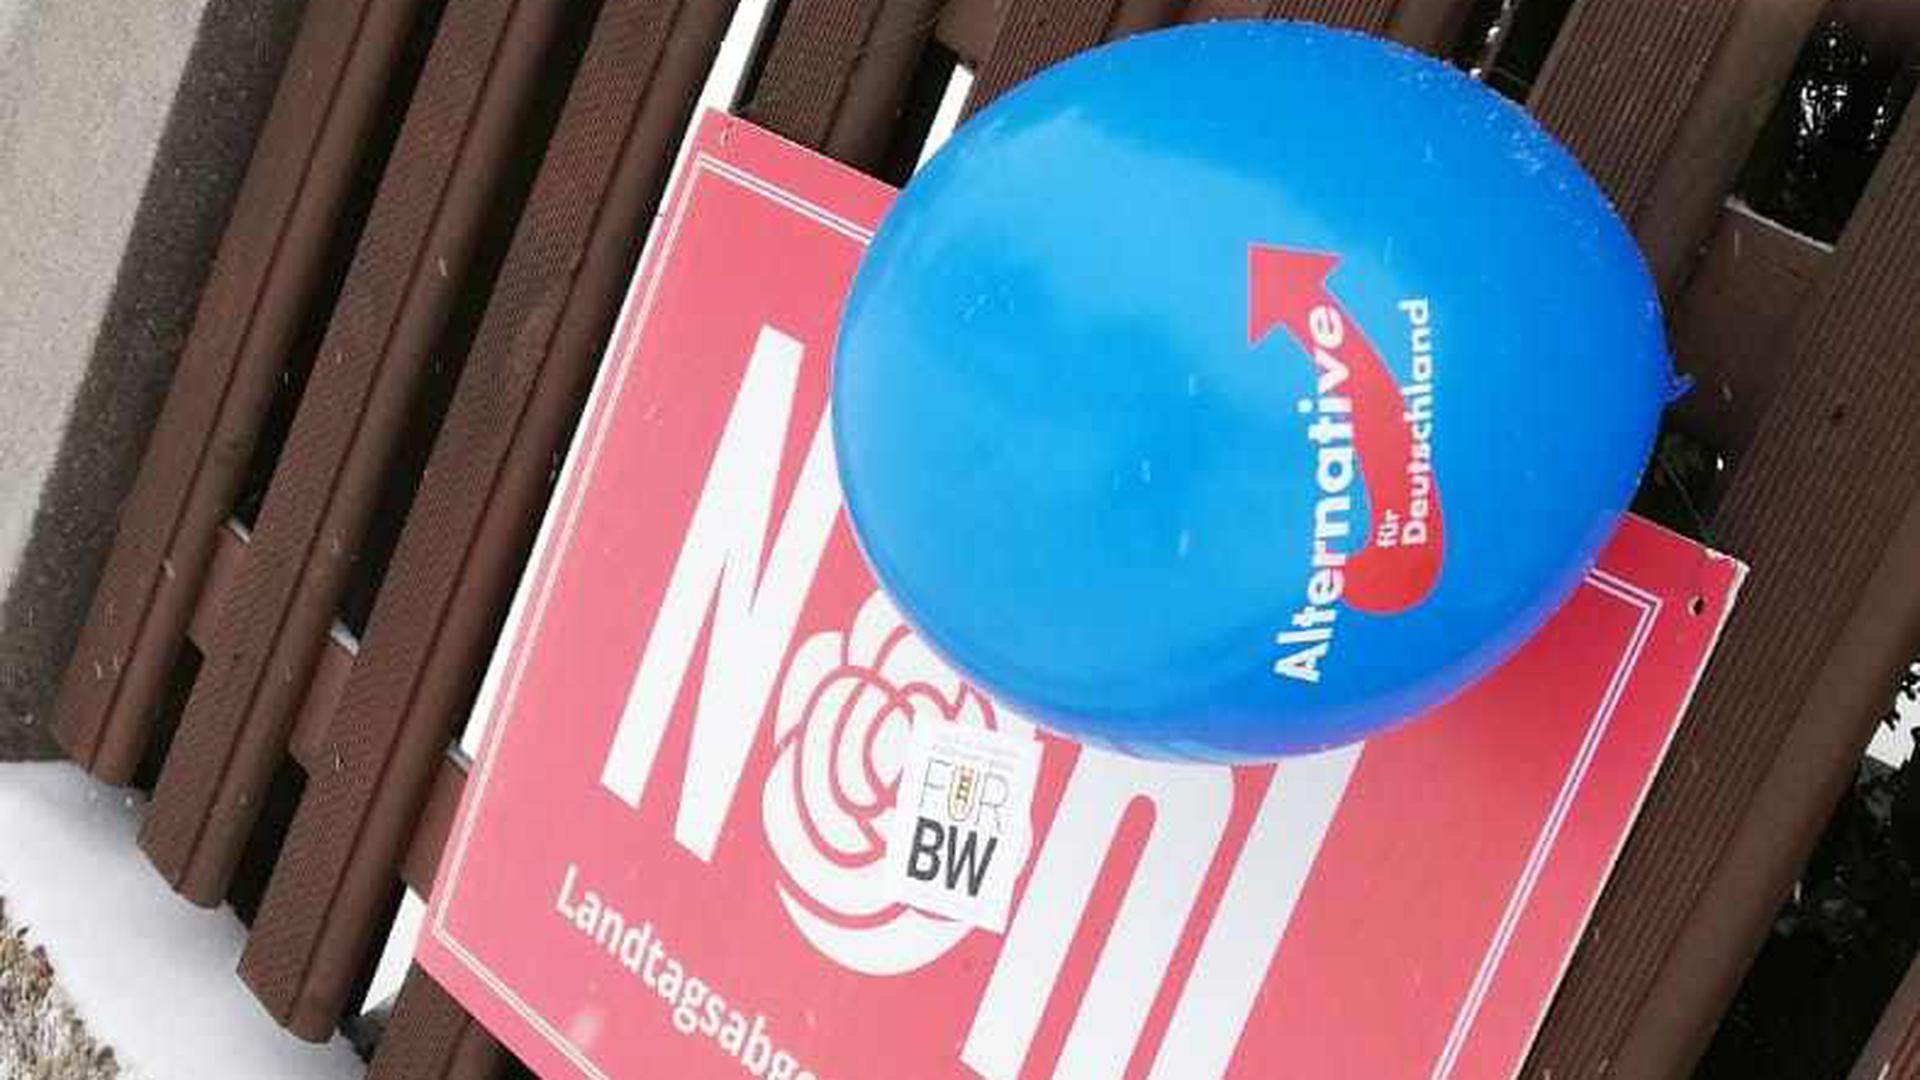 Ballons am Plakat: Unbekannte haben in Helmsheim die SPD-Werbung mit AfD-Ballons ergänzt.